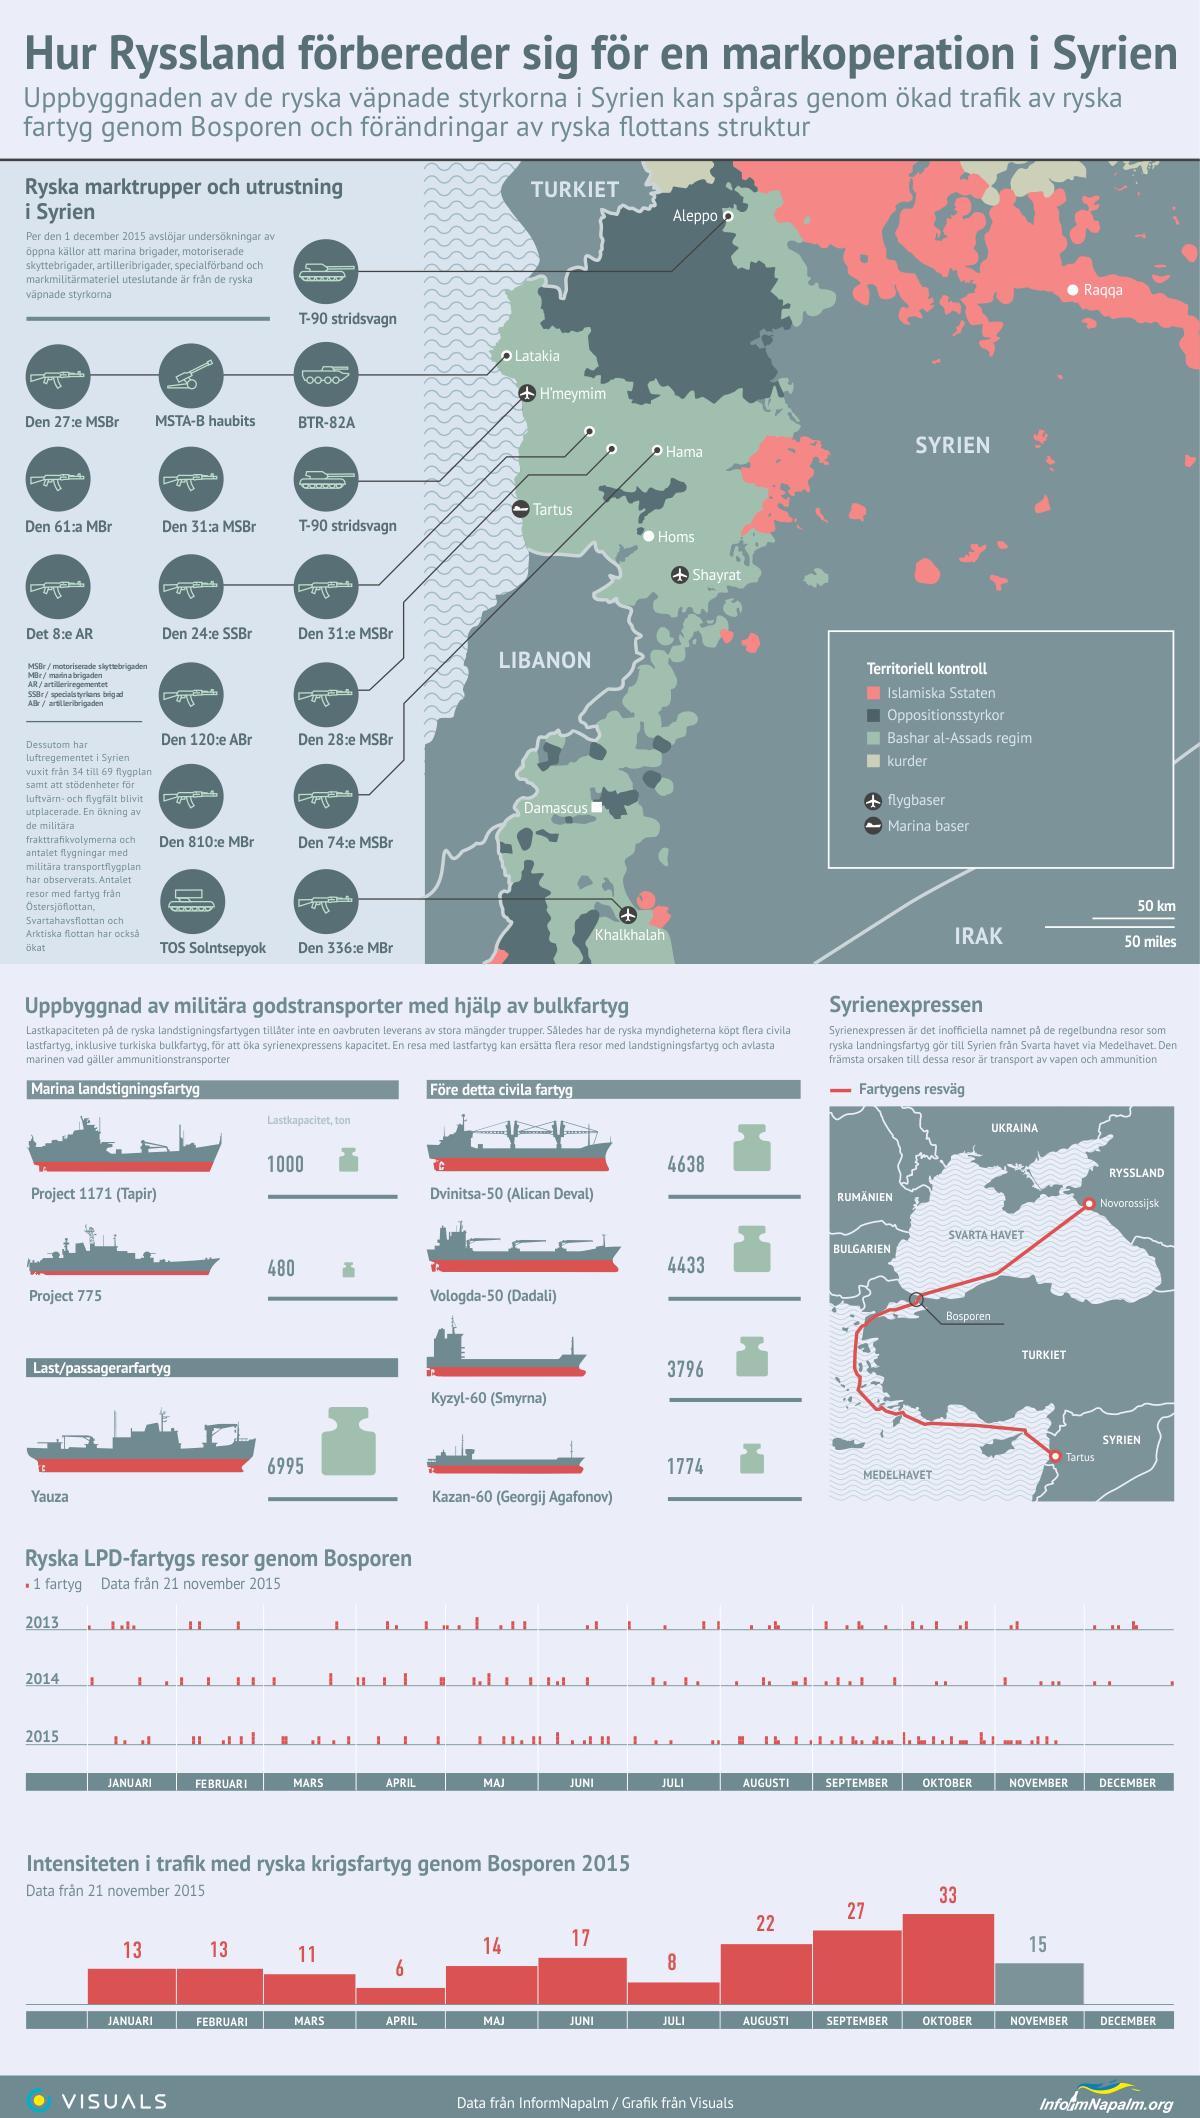 InformNapalms krönika: Rysslands förstörelse av Syrien